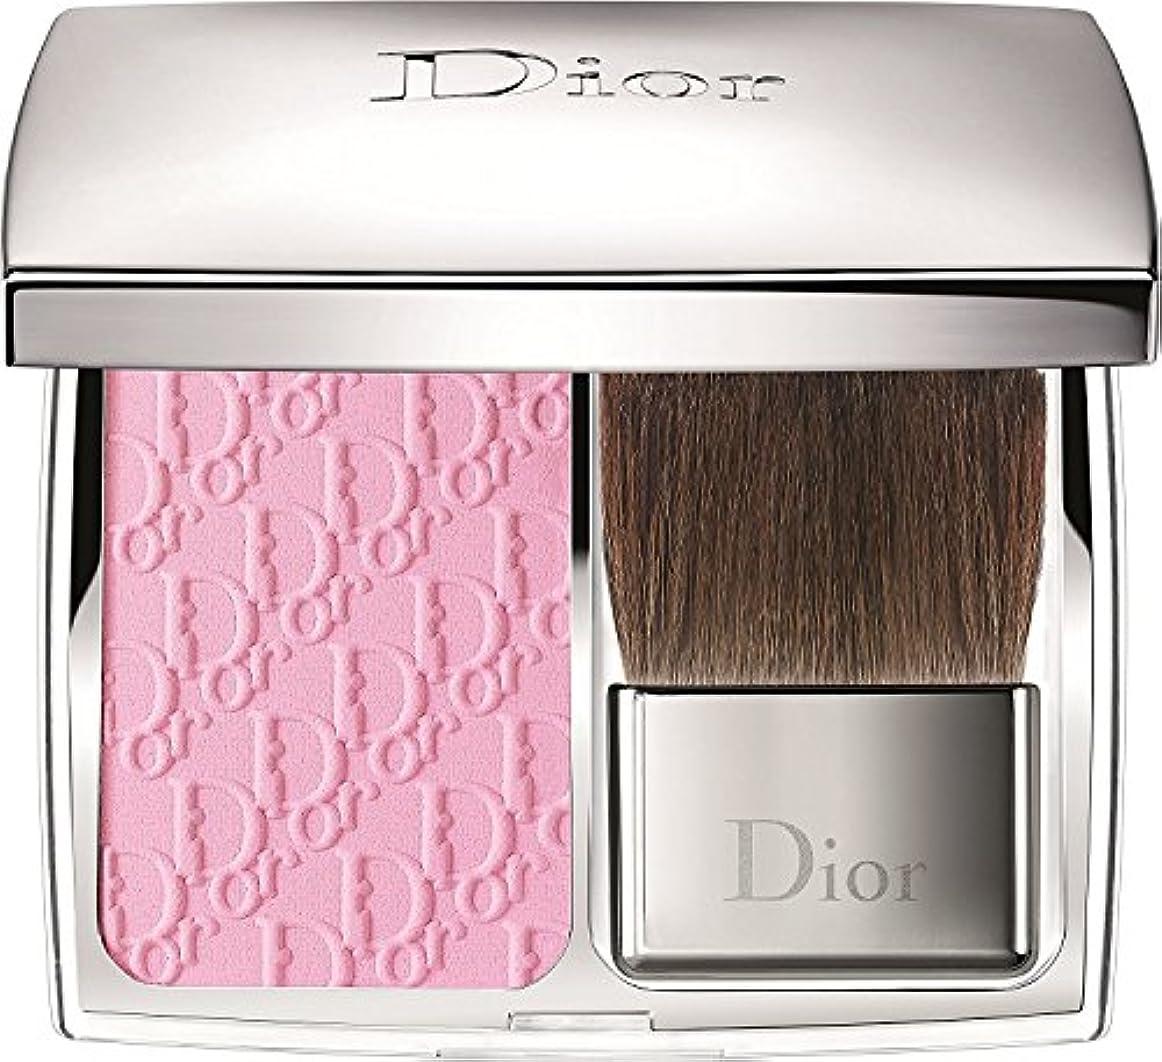 クリスチャン ディオール Christian Dior ディオールスキン ロージー グロウ 001